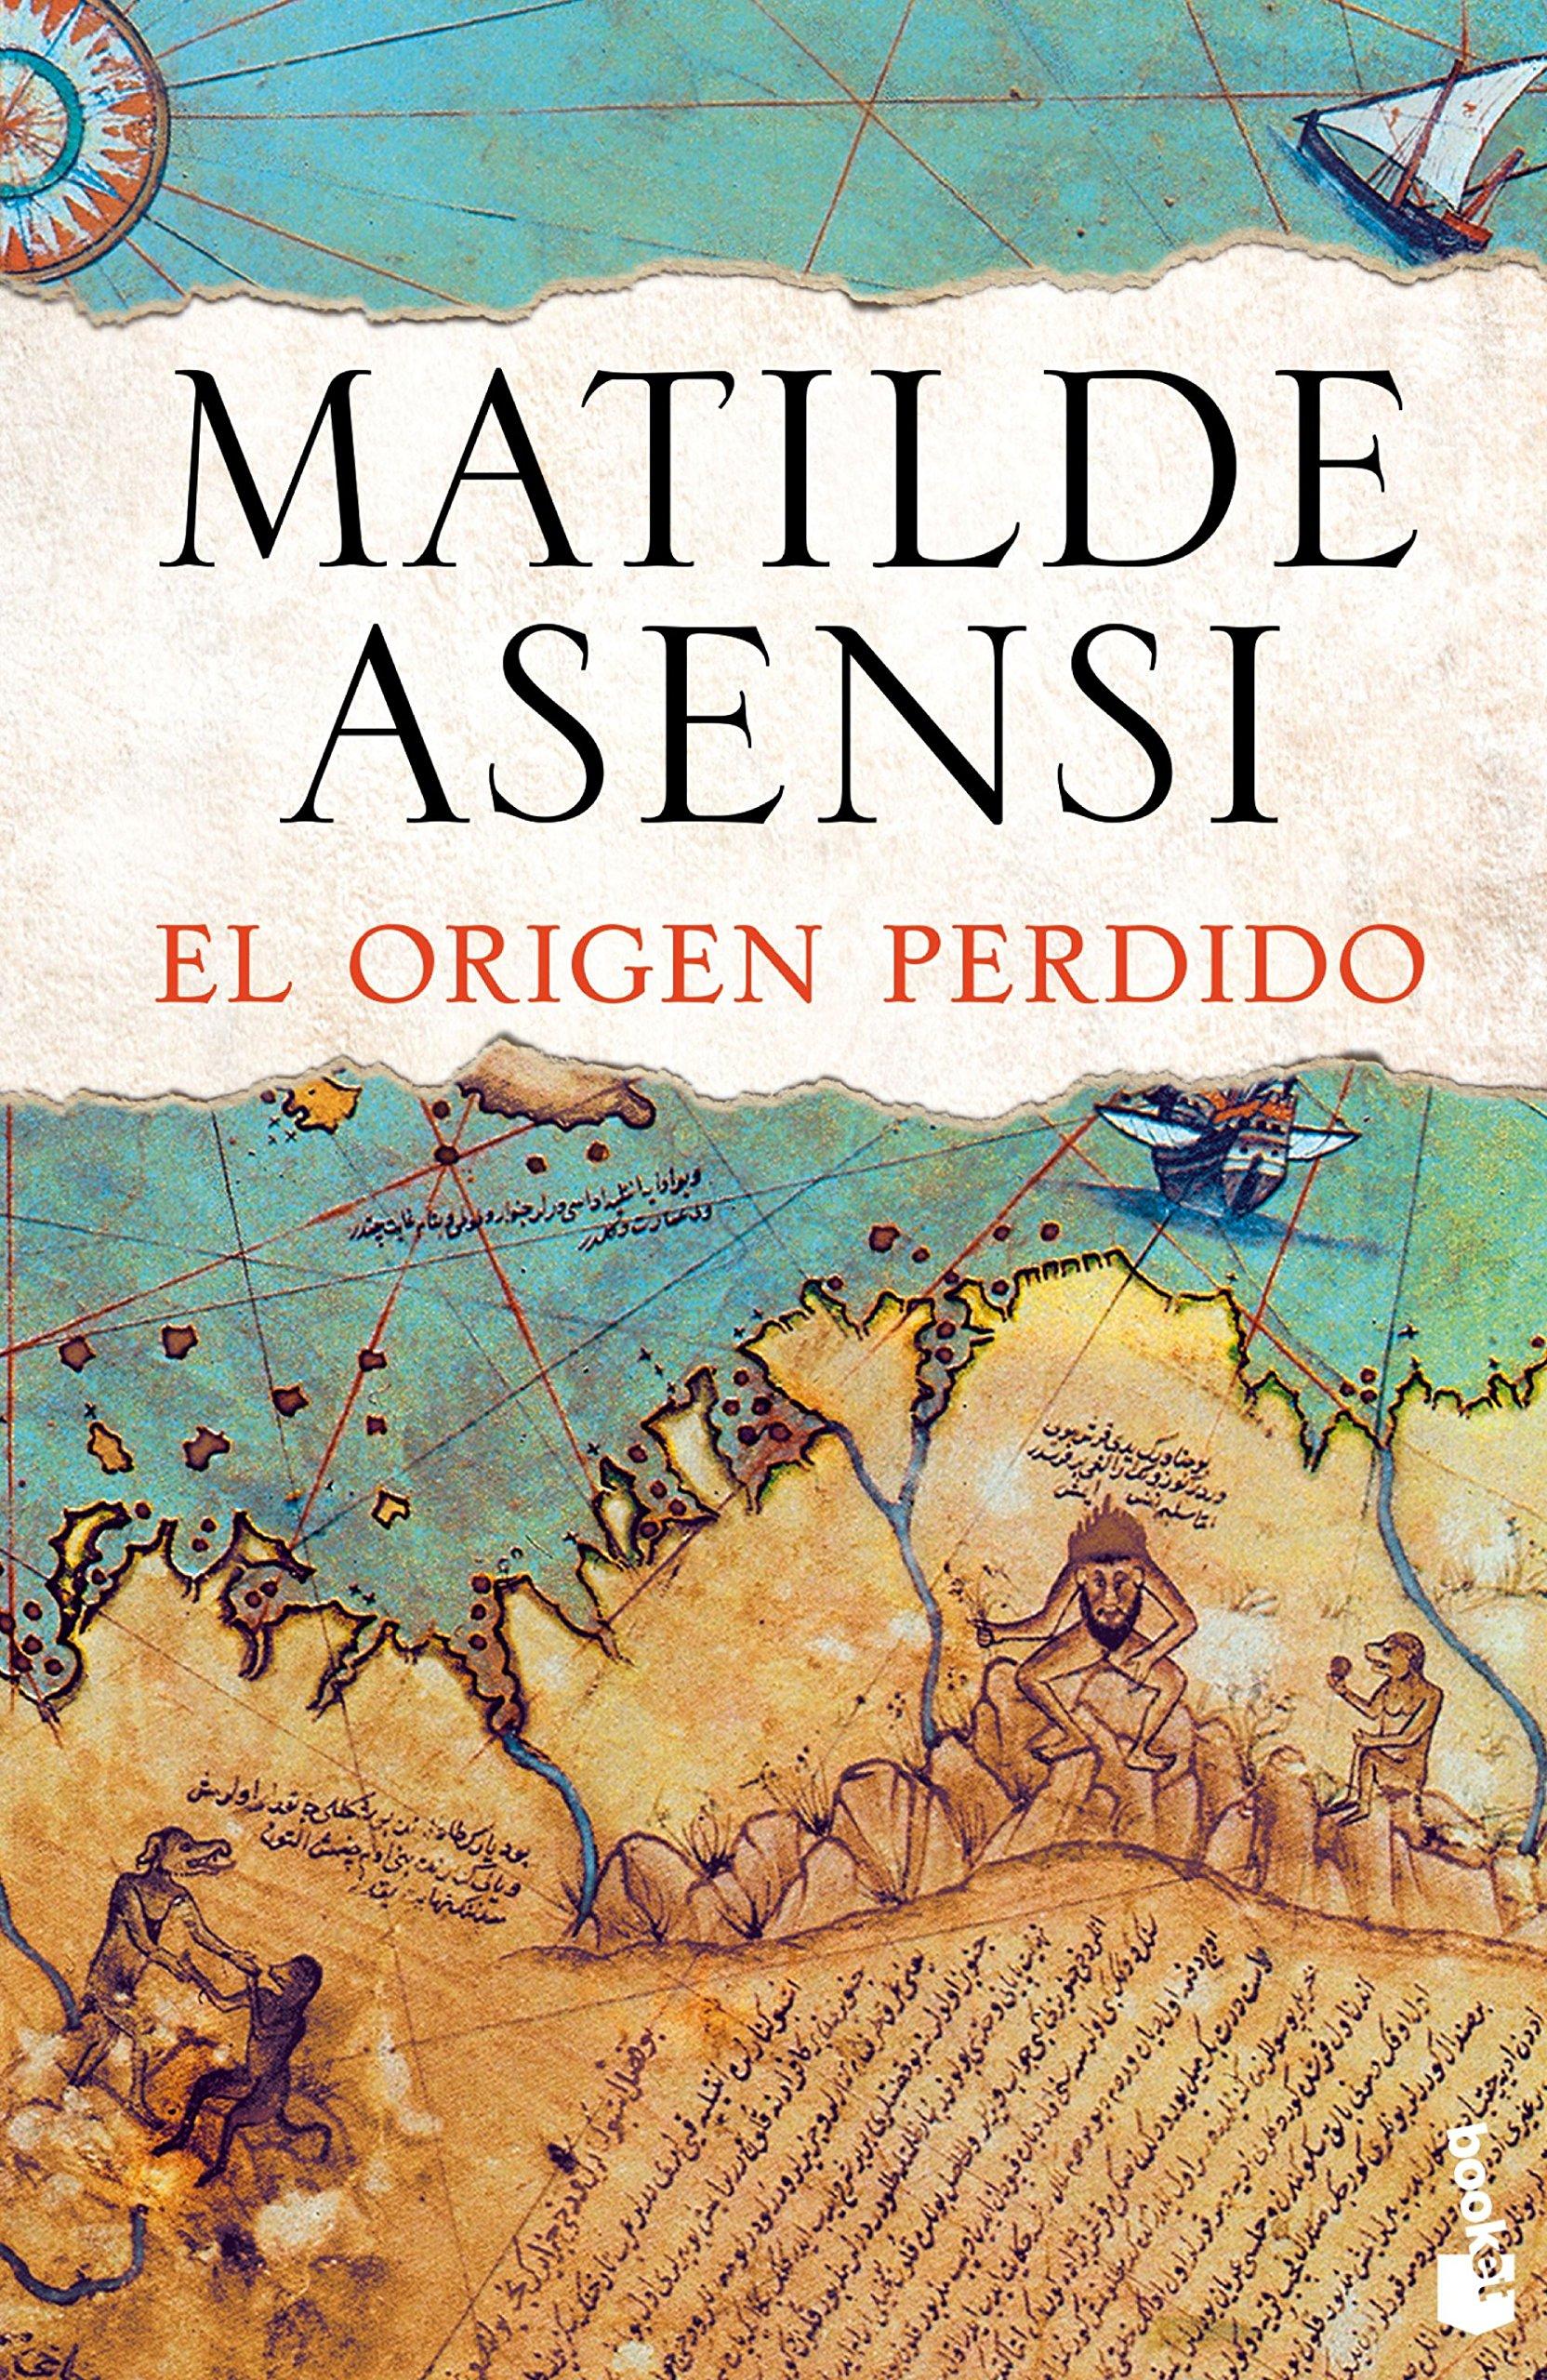 El origen perdido (Biblioteca Matilde Asensi): Amazon.es: Matilde ...